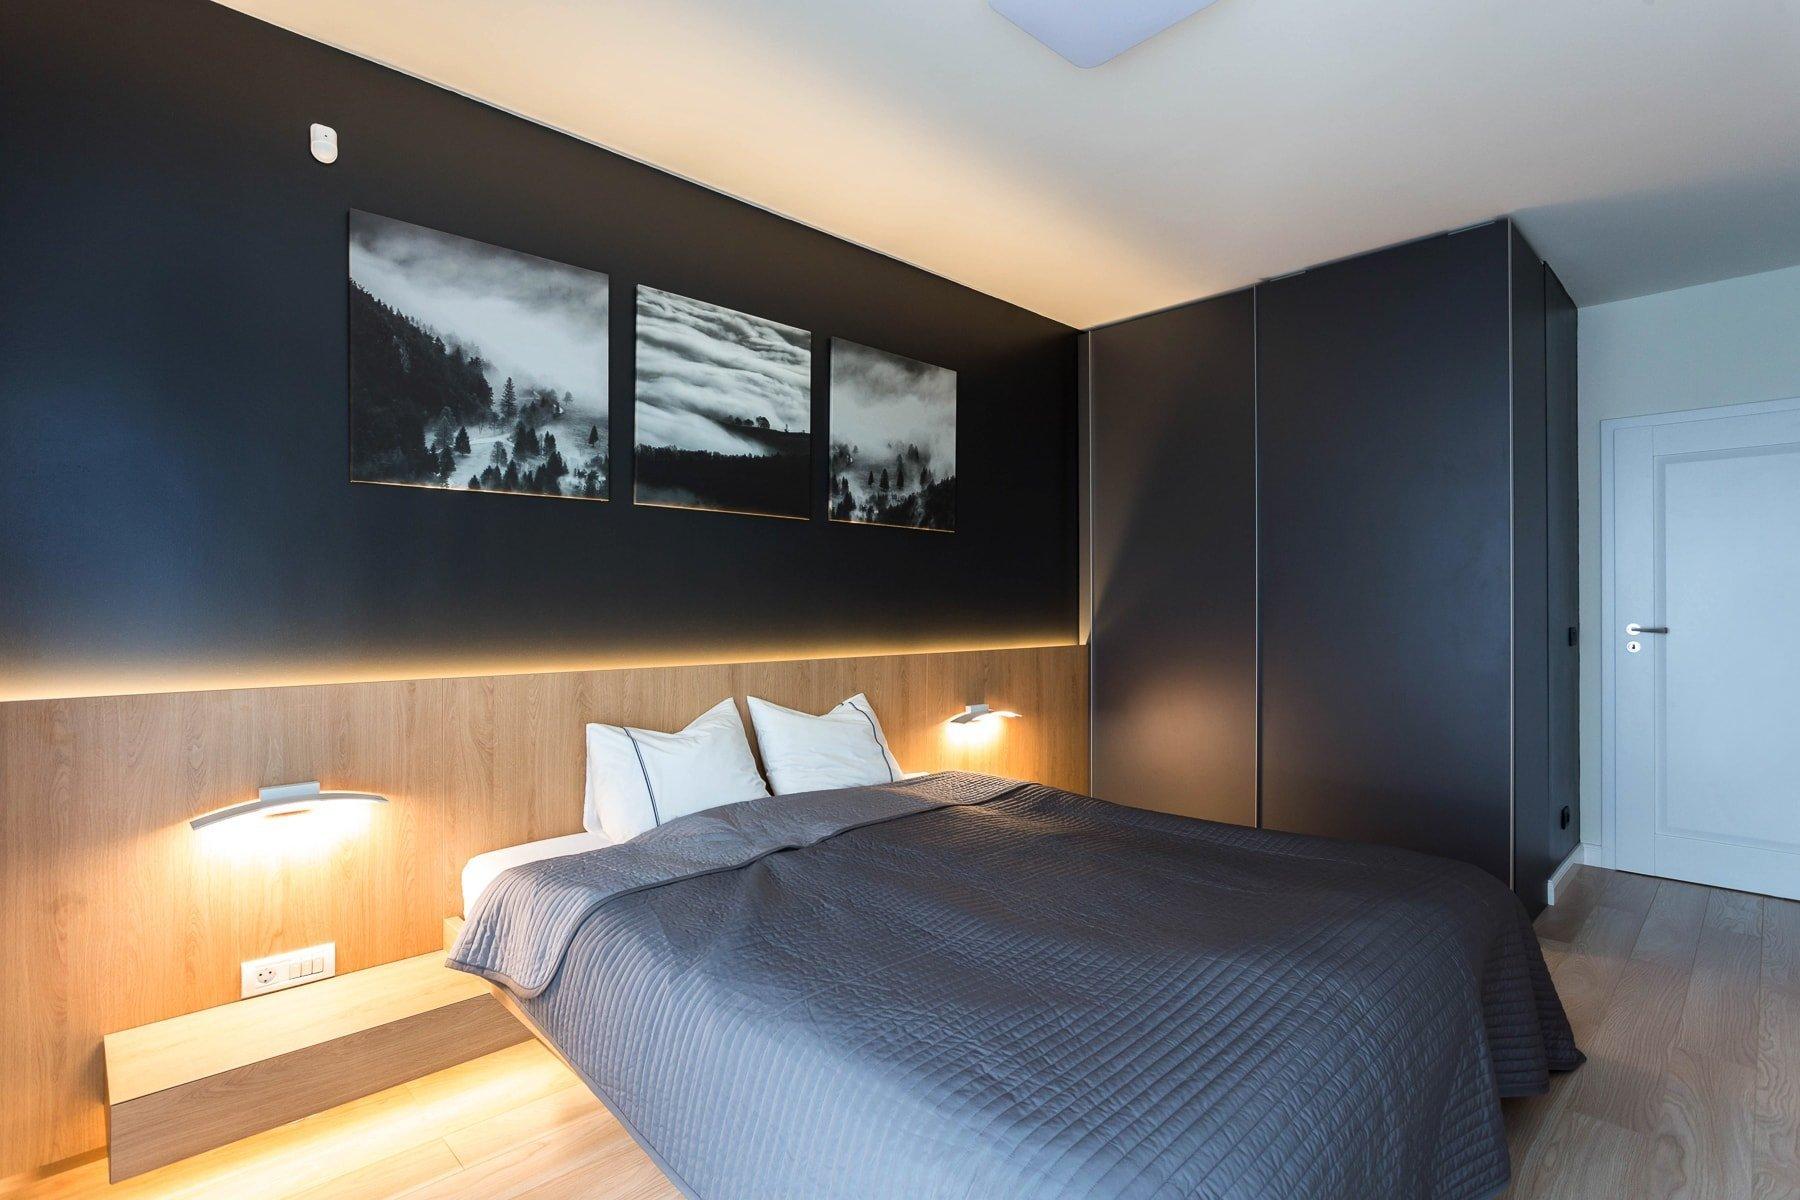 Moderní interiér s černou stěnou